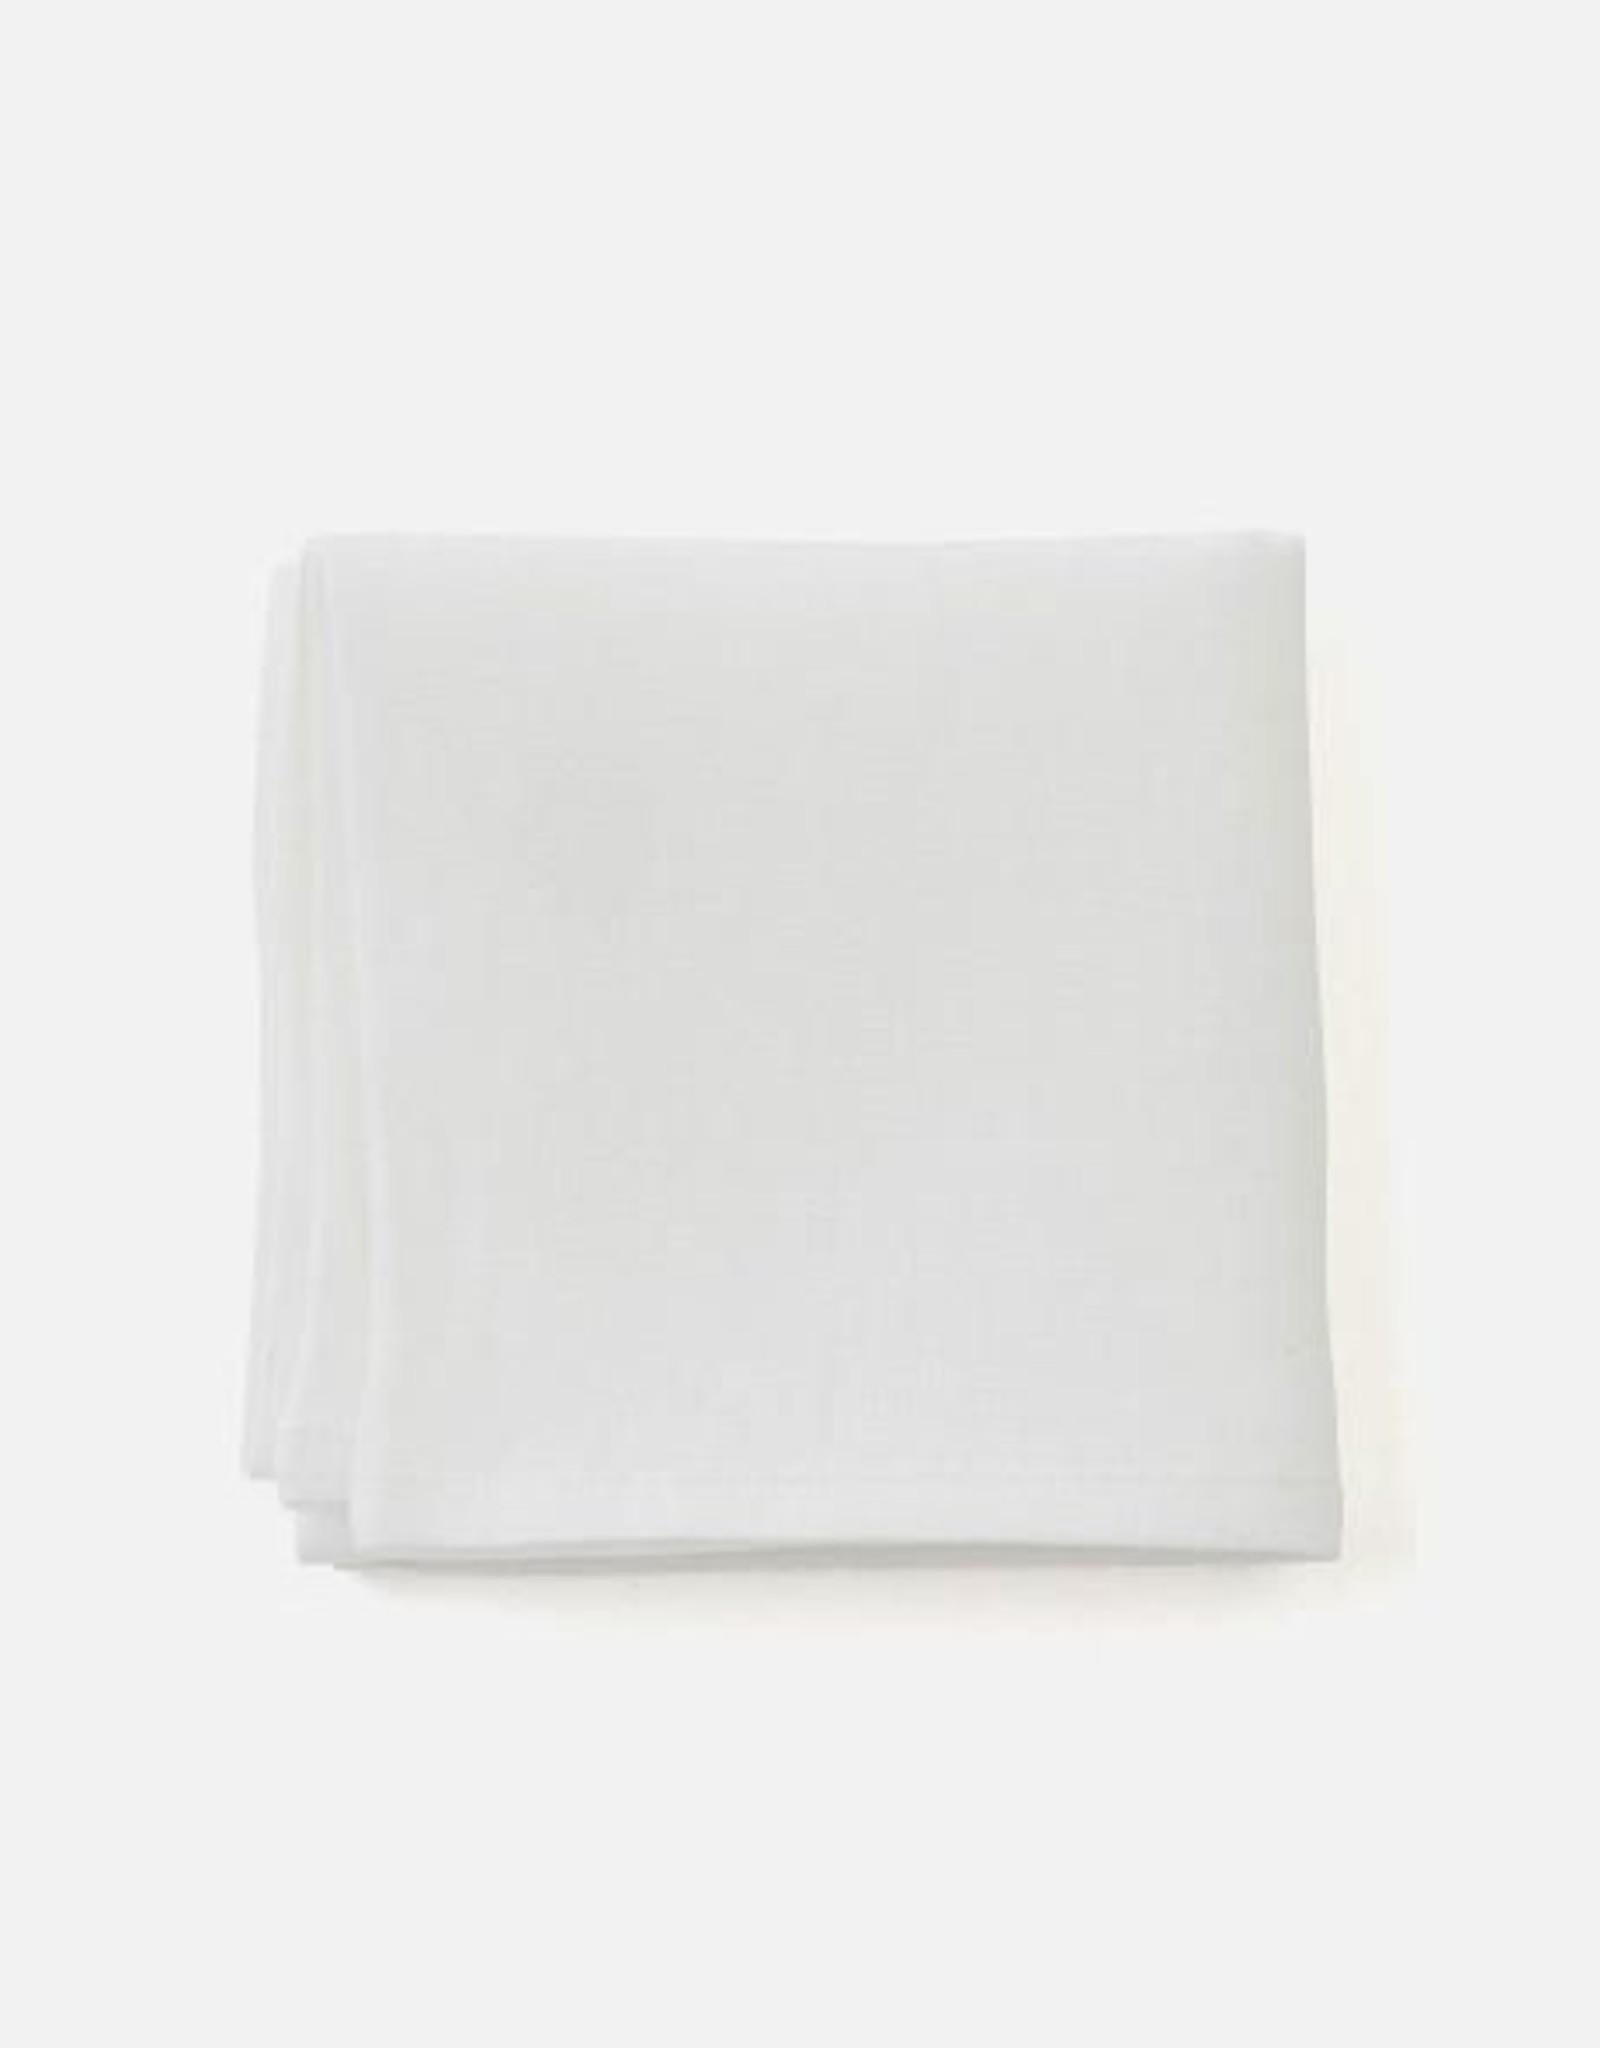 Fog Linen Handkerchief - White